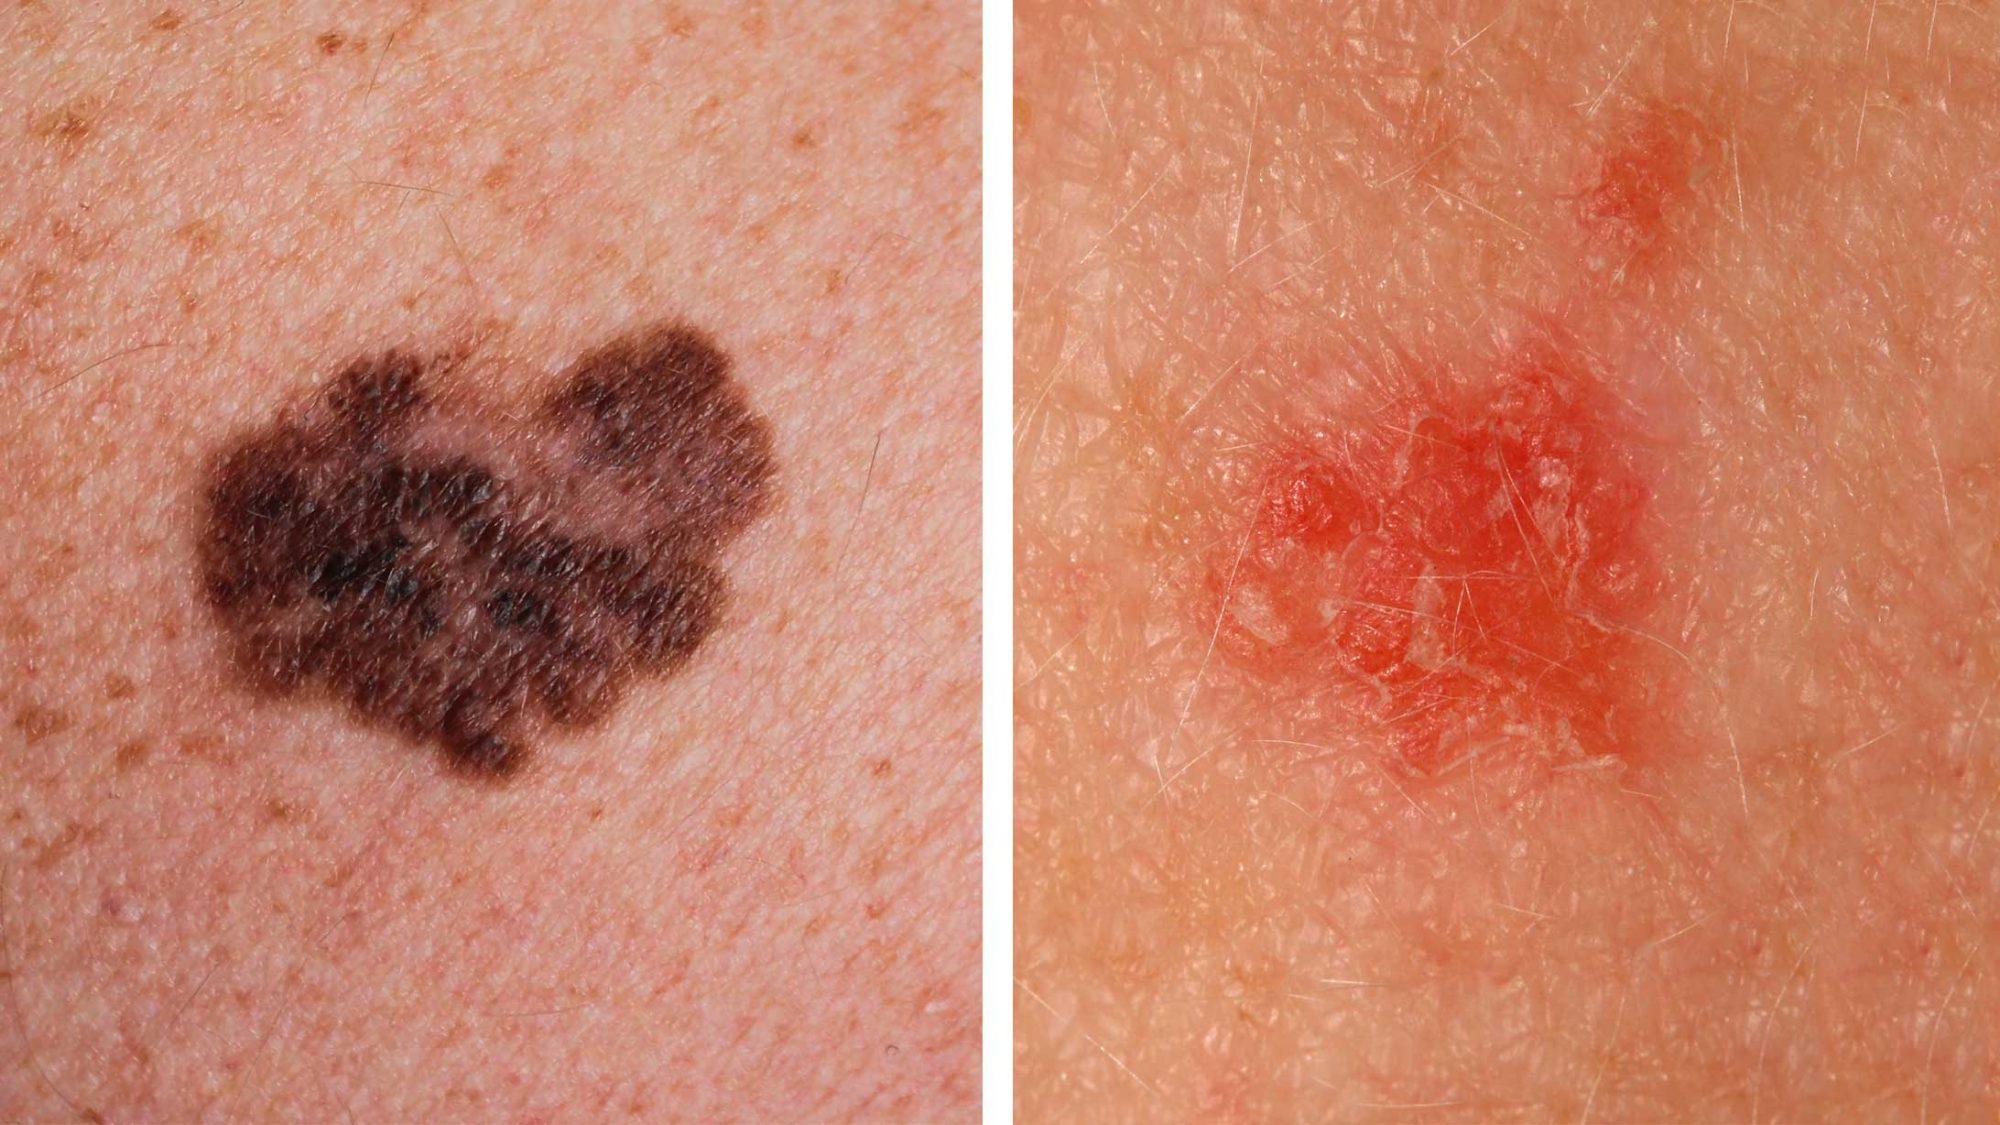 Hautkrebs: Schwarz-weisse Gefahr des Sonnenbadens - KSB-Blog